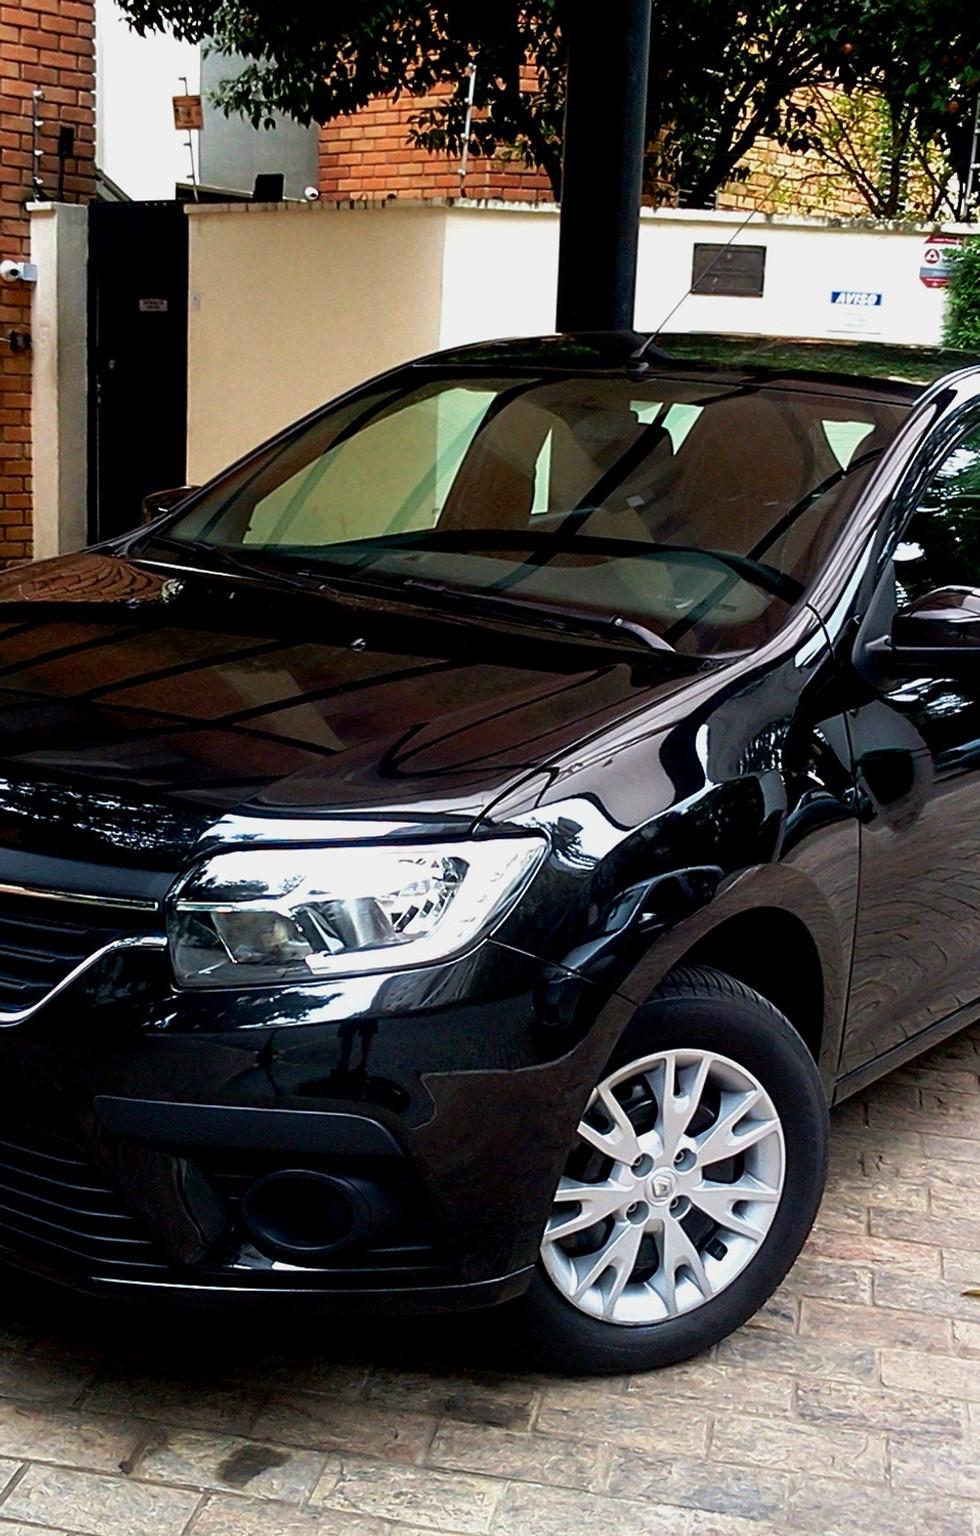 Renault entrega Sandero na versão 1.6 Zen de câmbio manual com preço competitivo